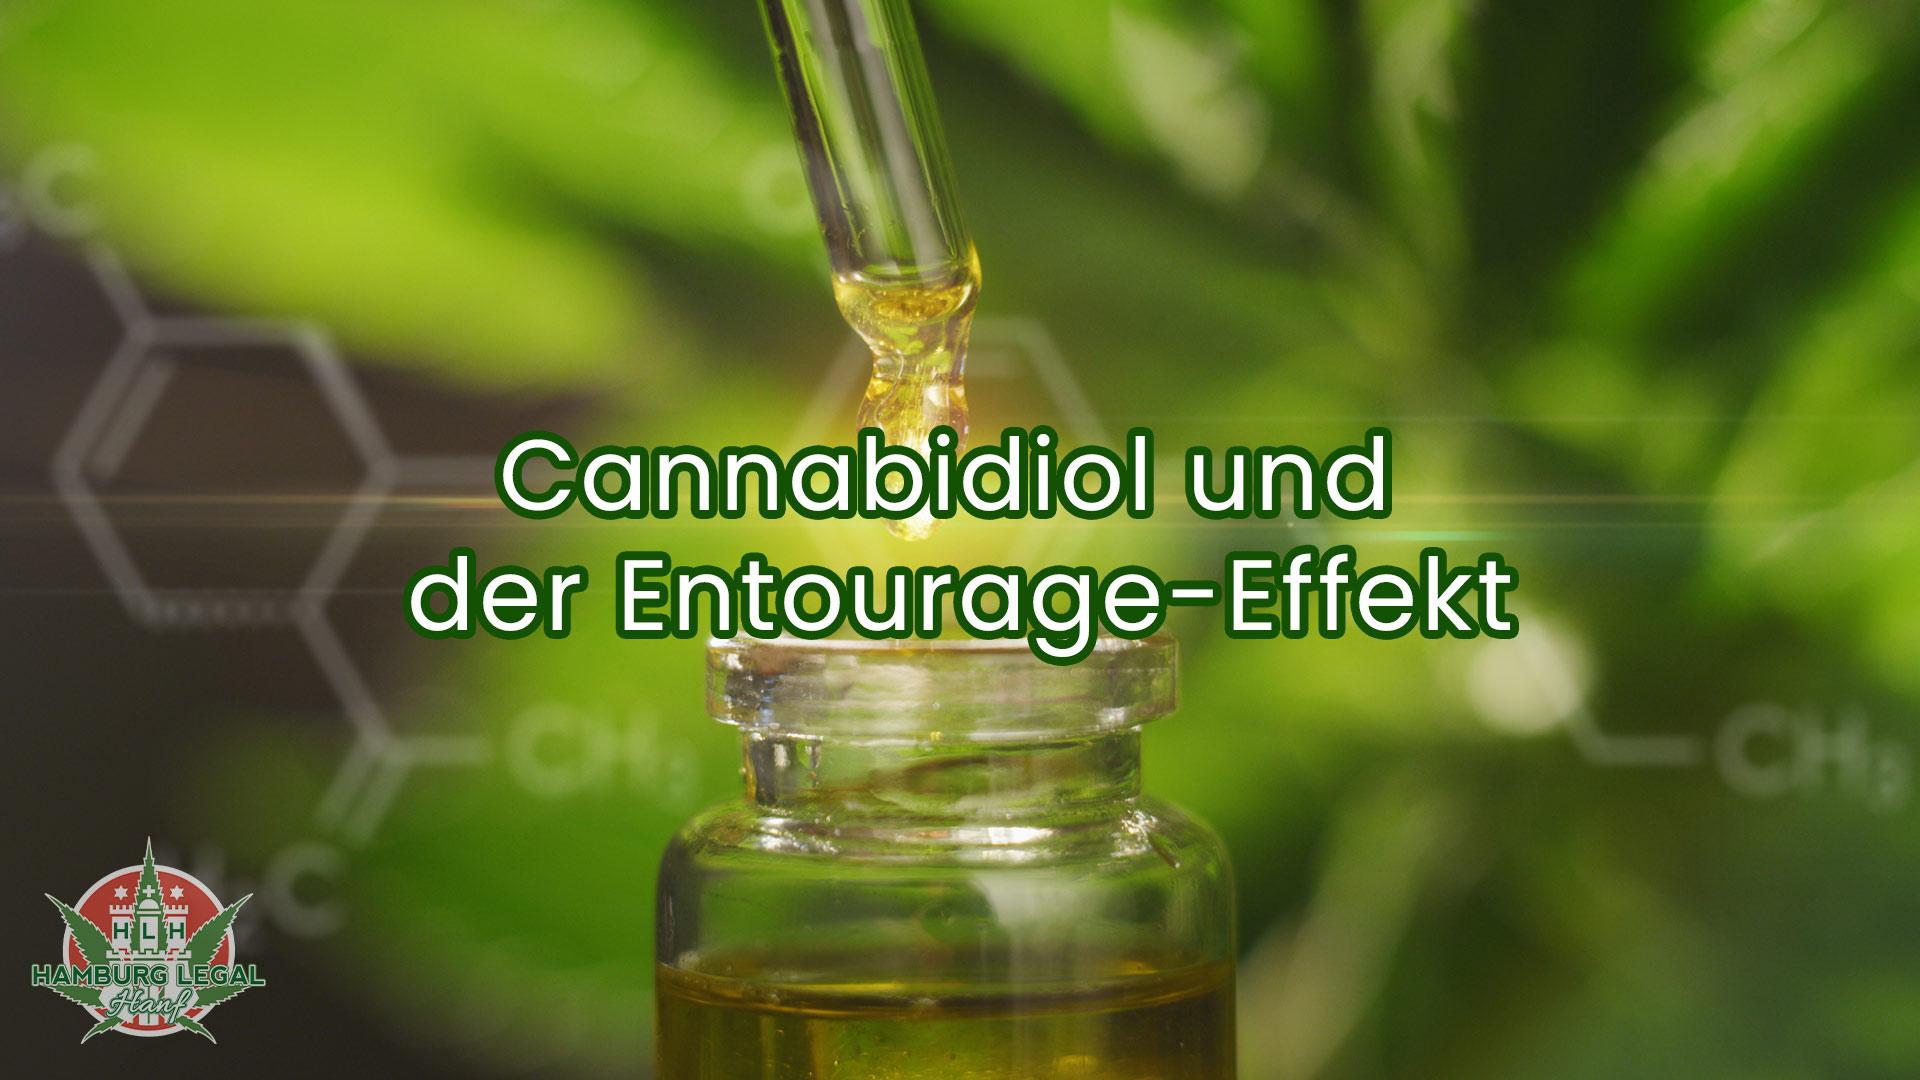 Cannabidiol und der Entourage-Effekt